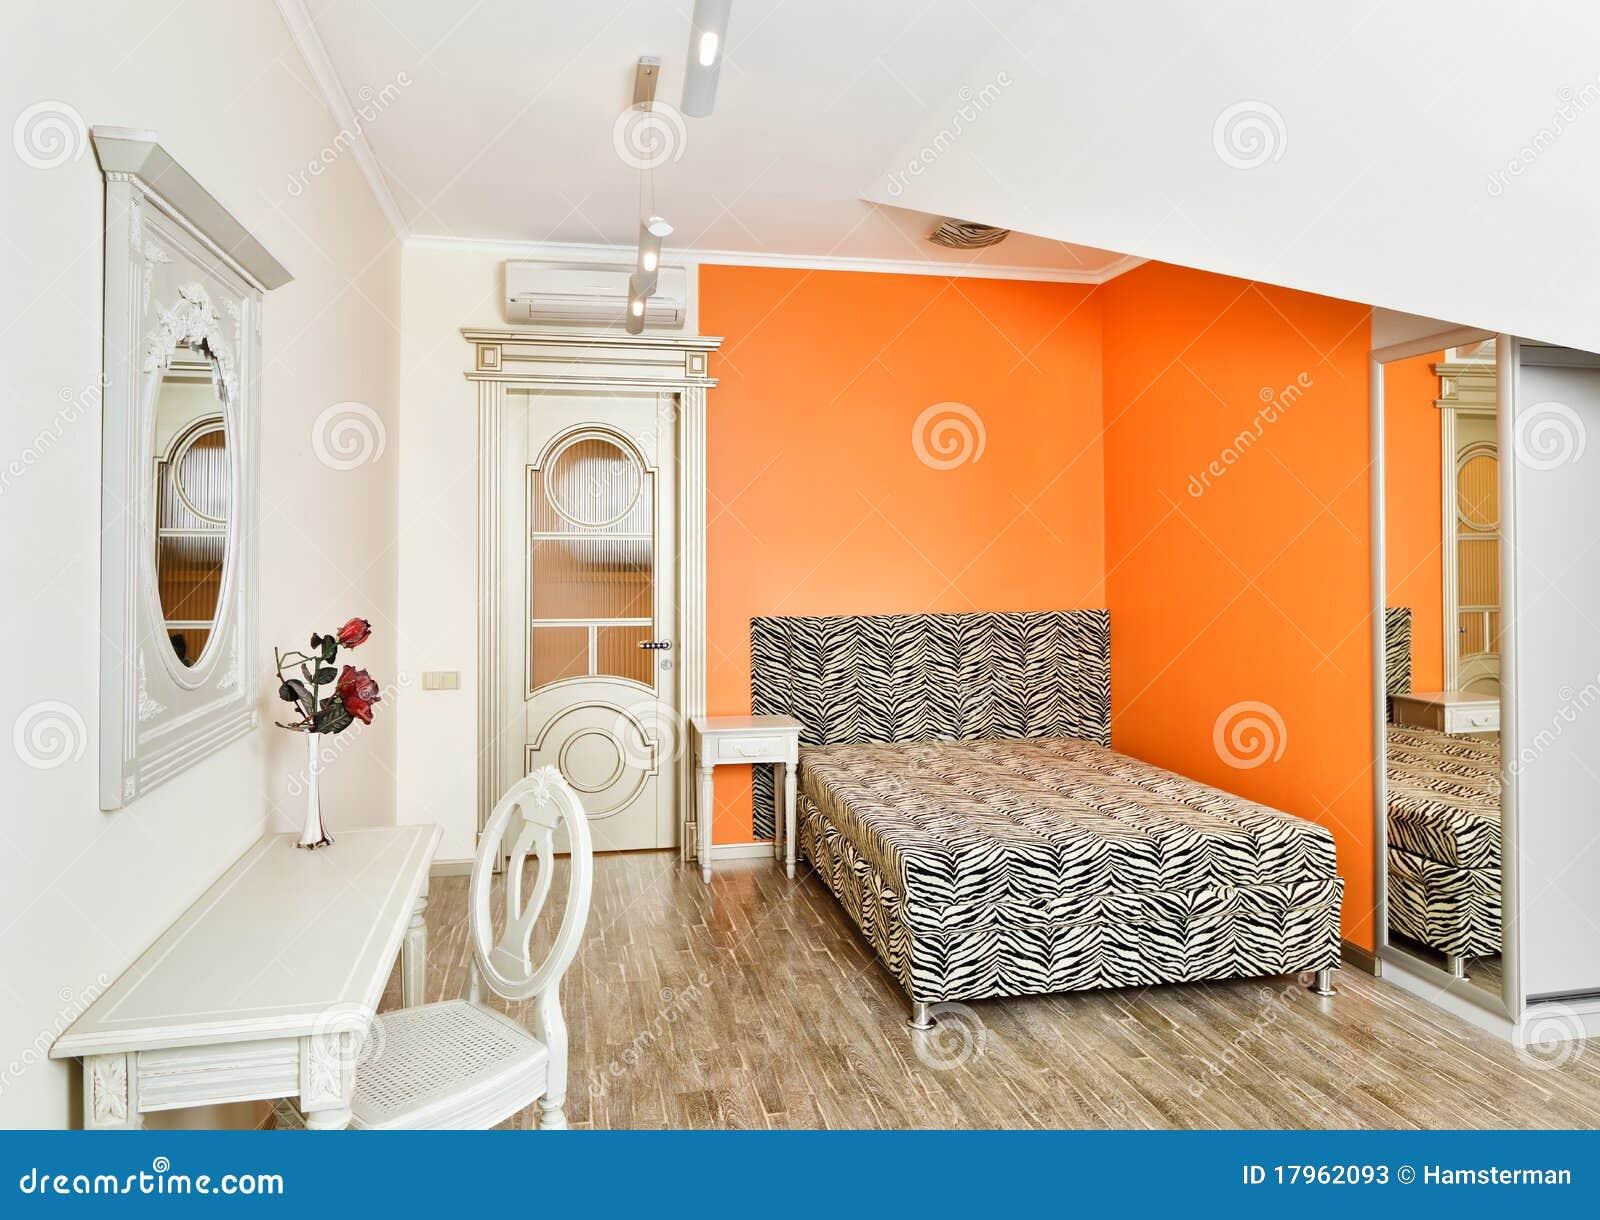 La chambre à coucher moderne dans l'orange avec le zèbre a modelé ...